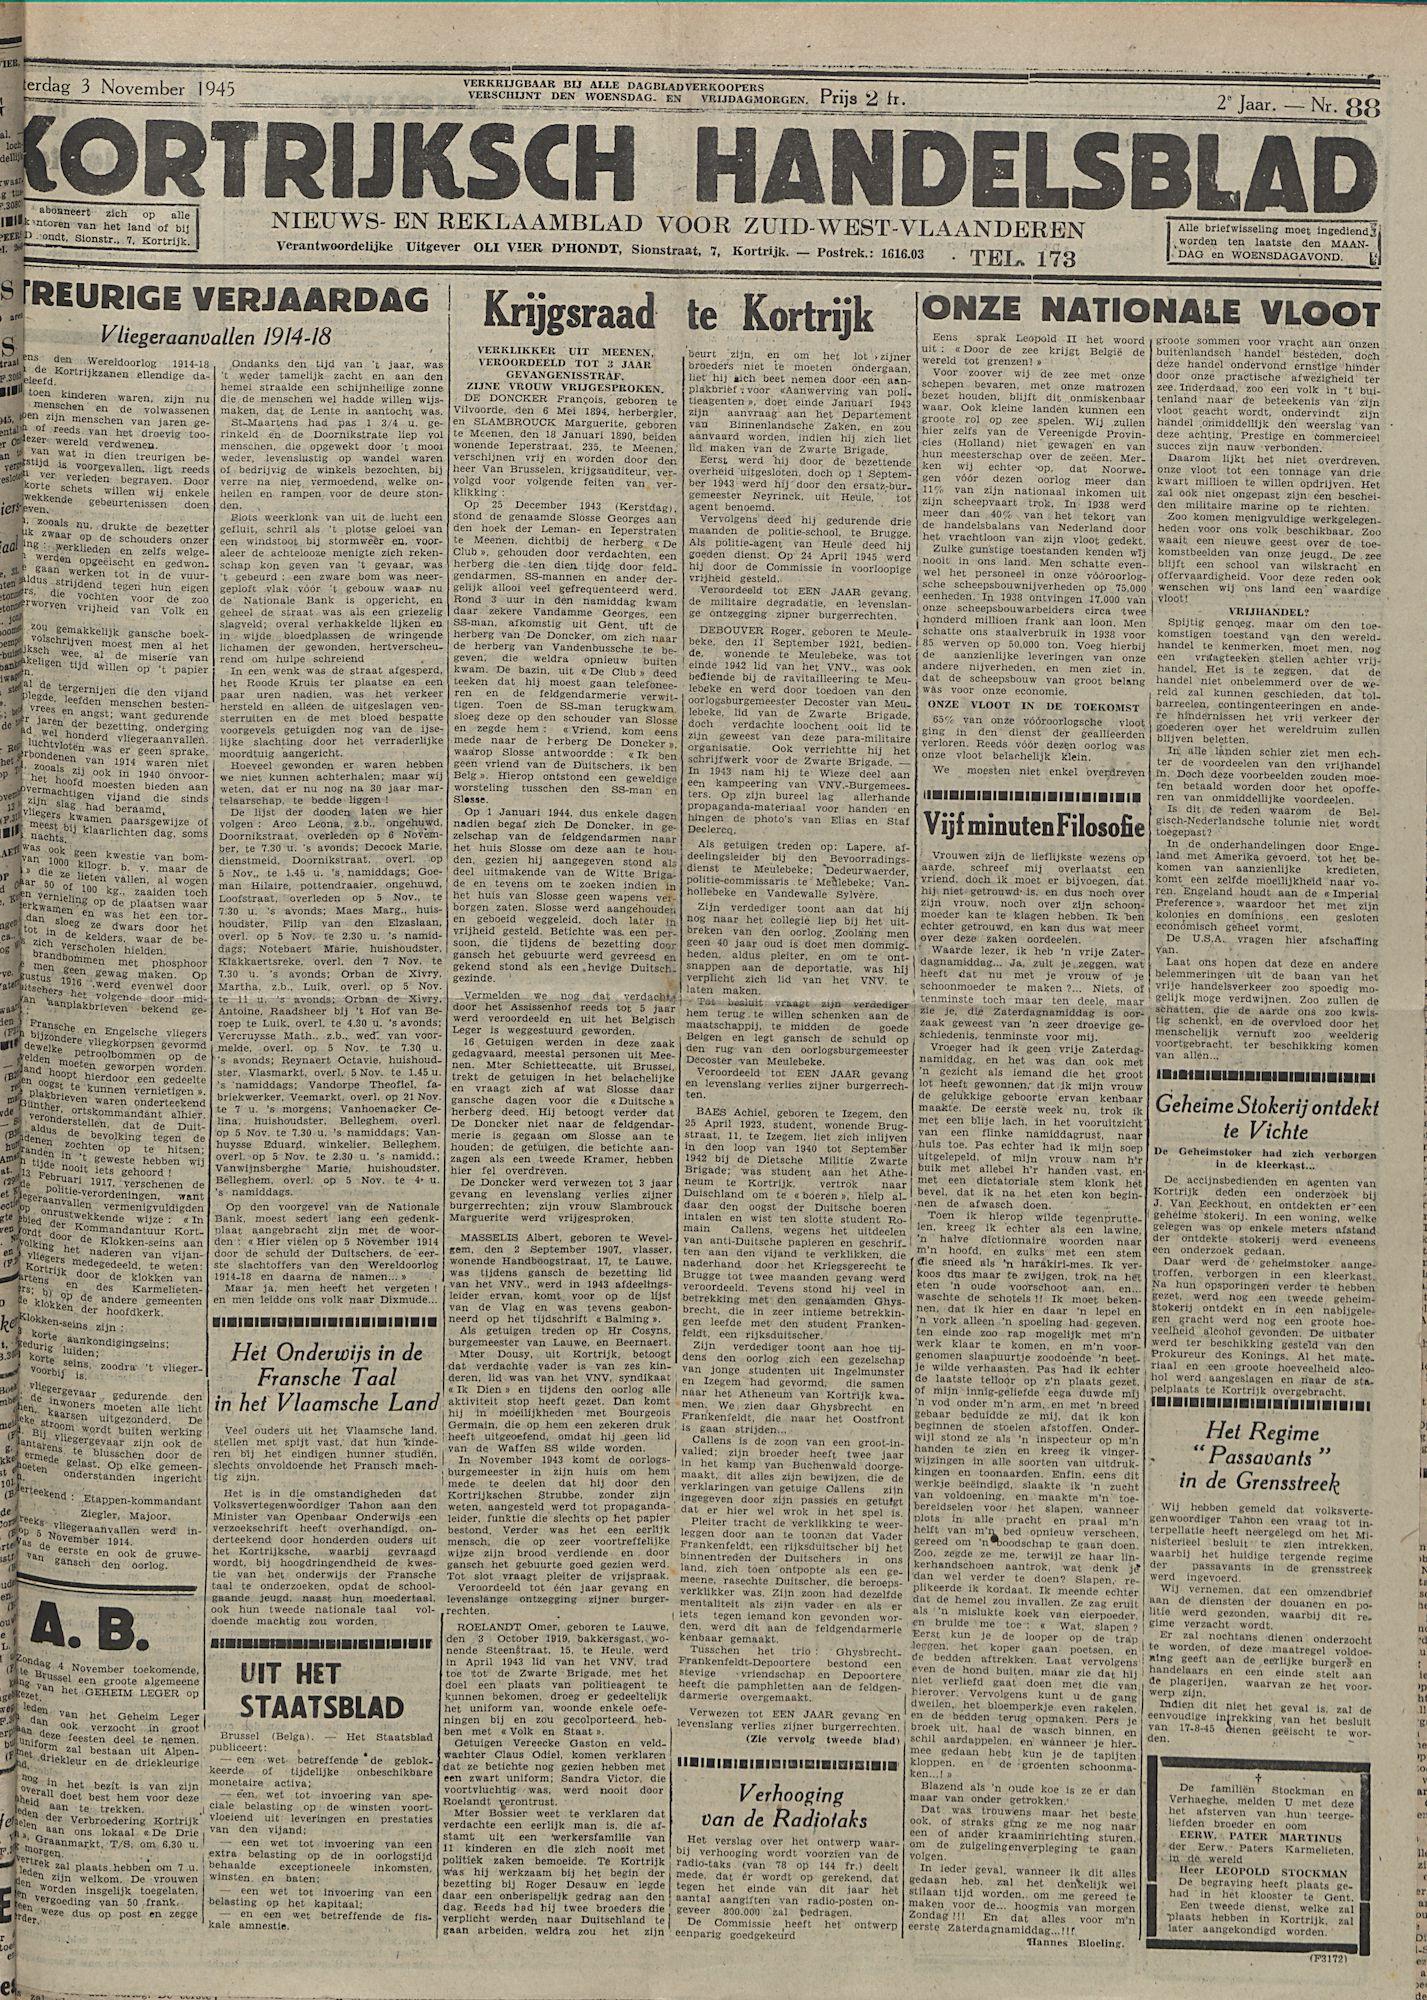 Kortrijksch Handelsblad 3 november 1945 Nr88 p1